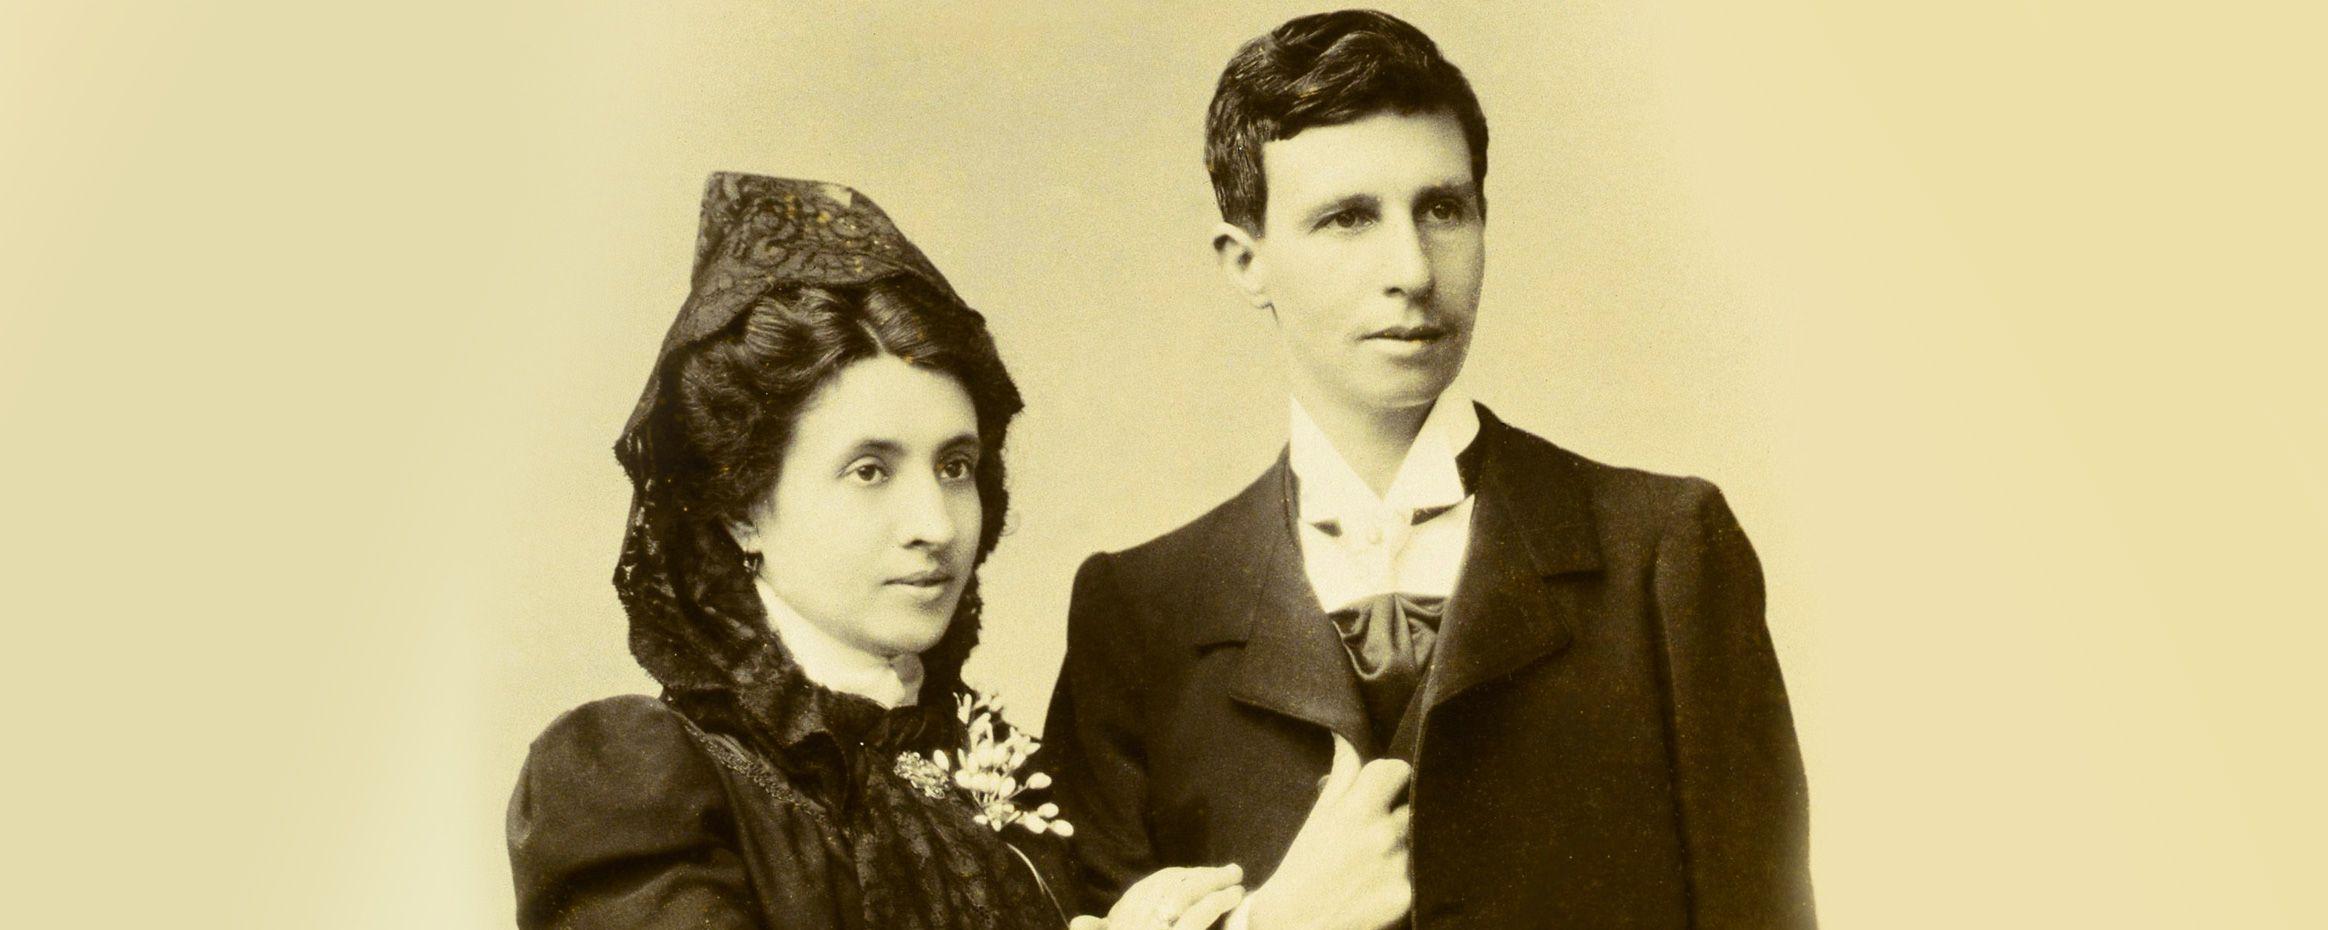 contactos con mujeres casadas en galicia